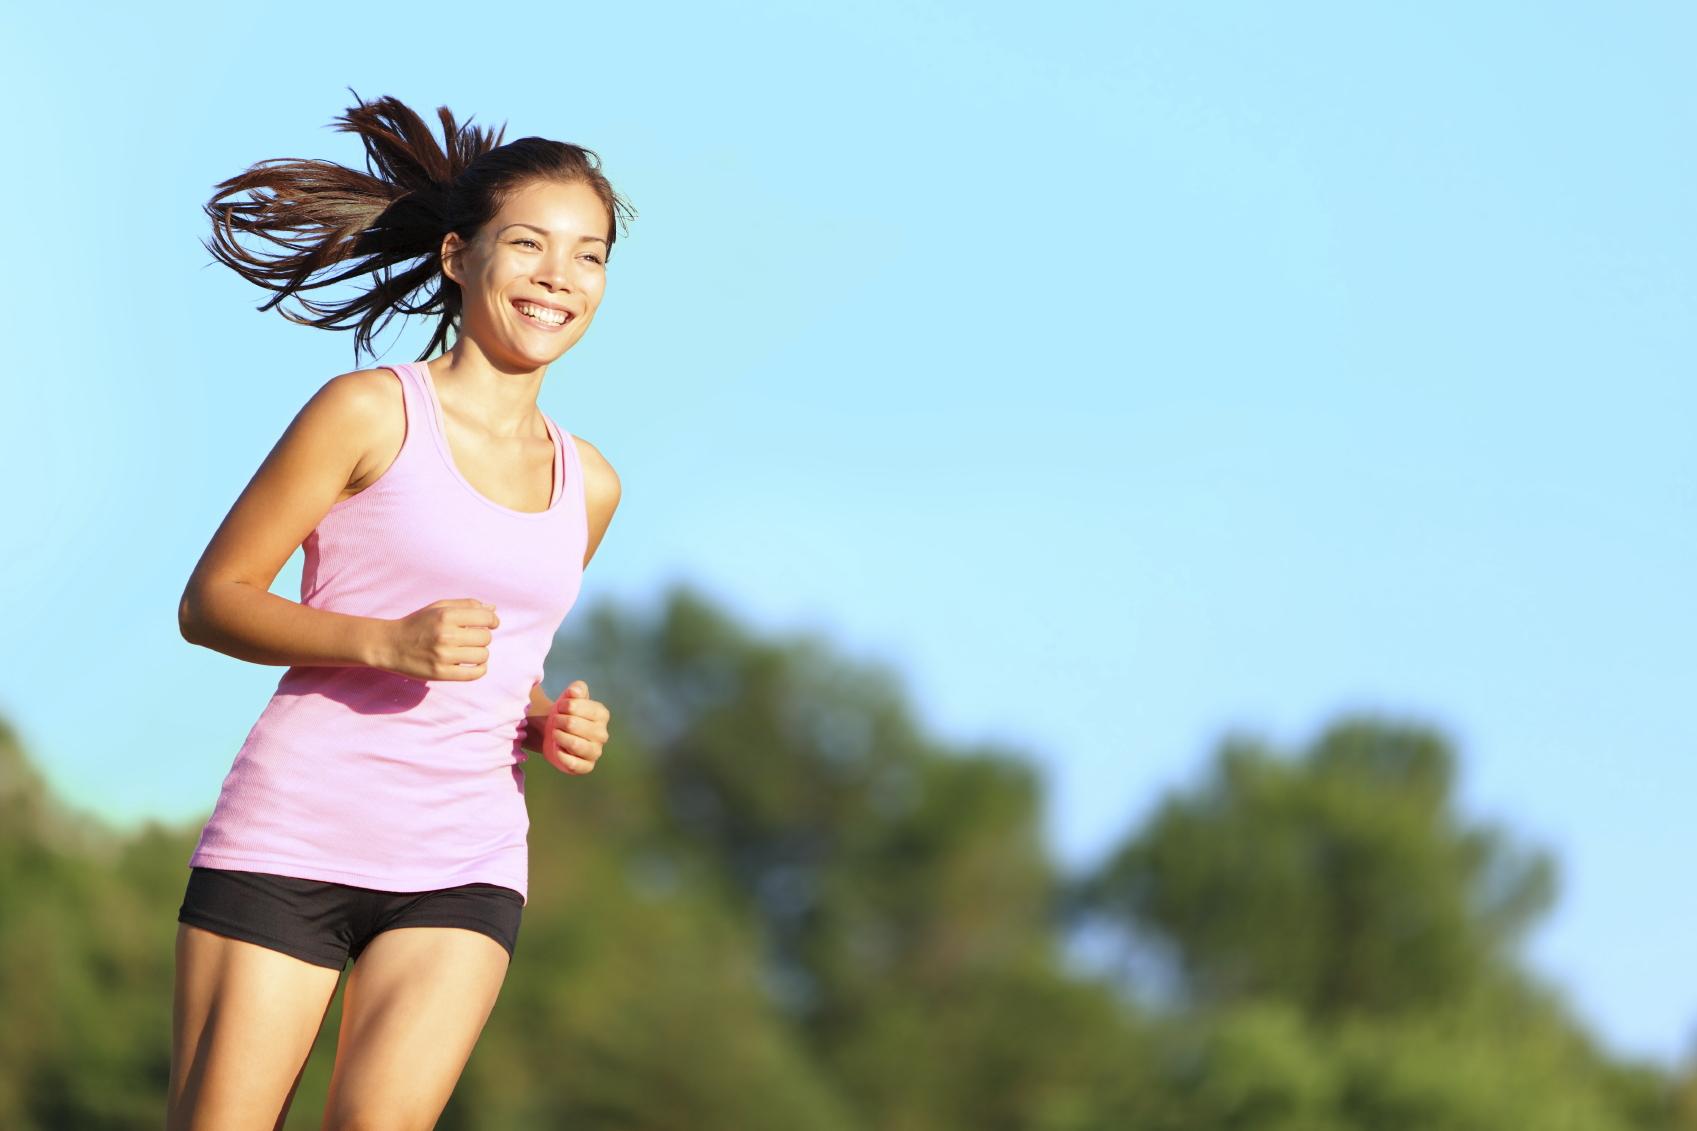 Saúde da mulher: 5 dicas para sentir-se bem